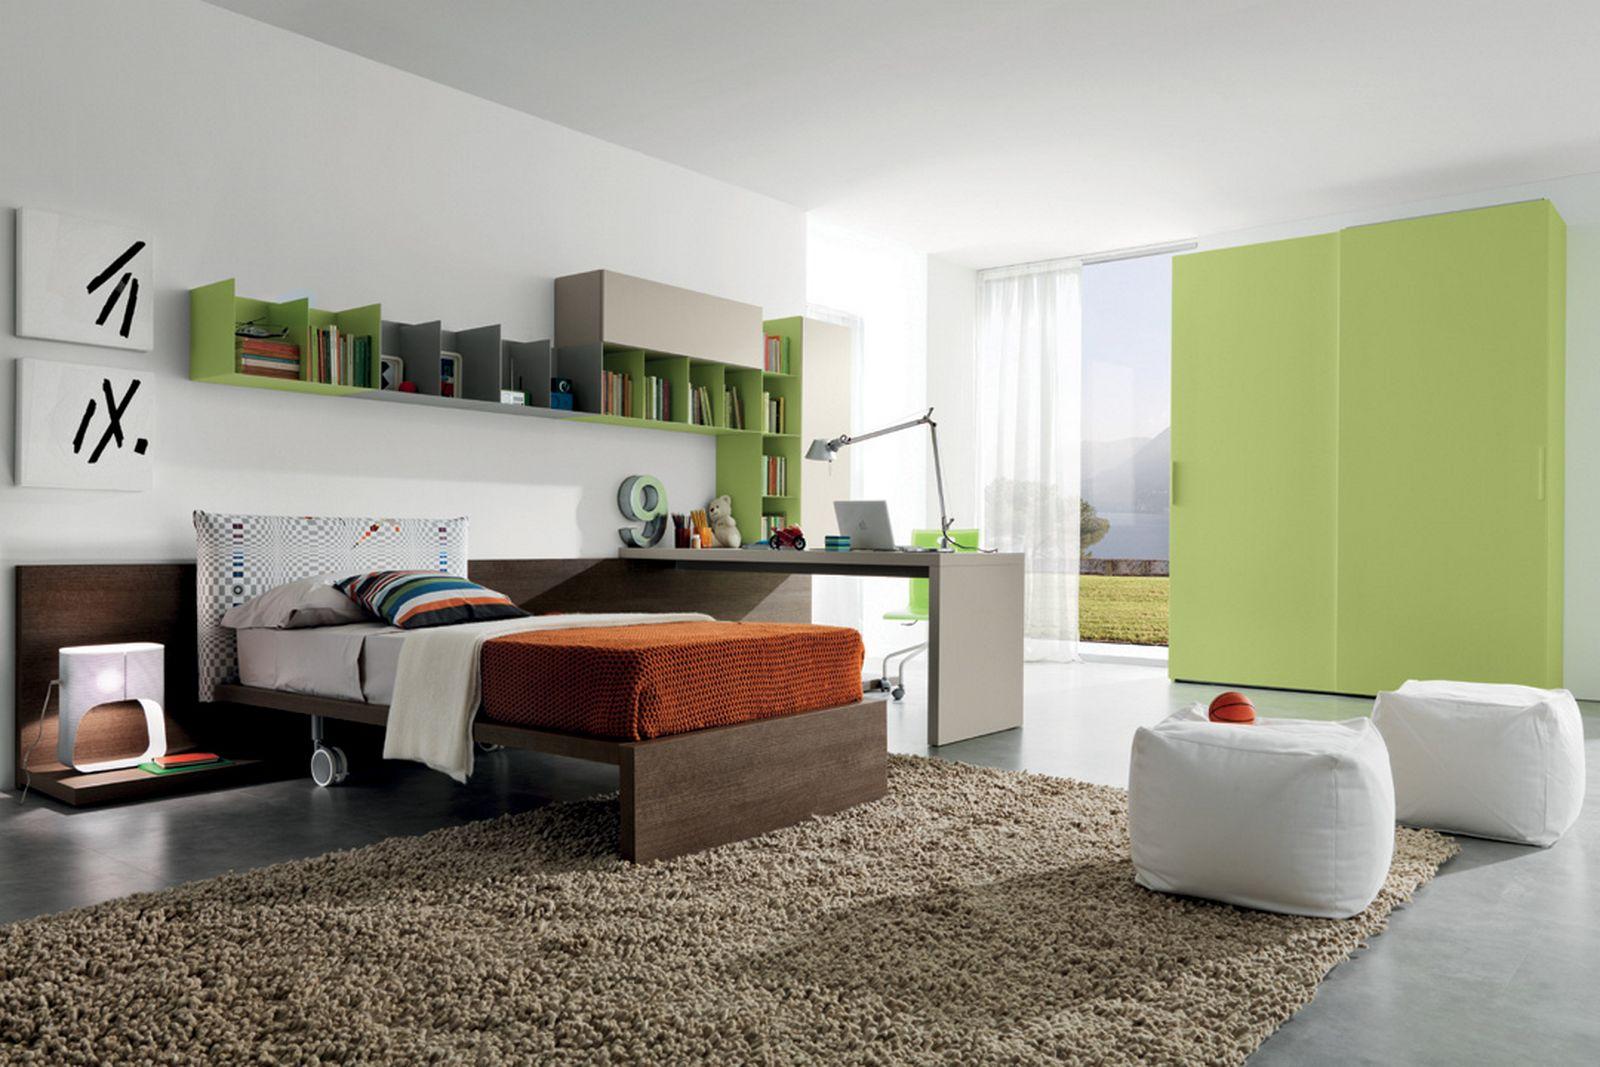 desain kamar tidur anak muda